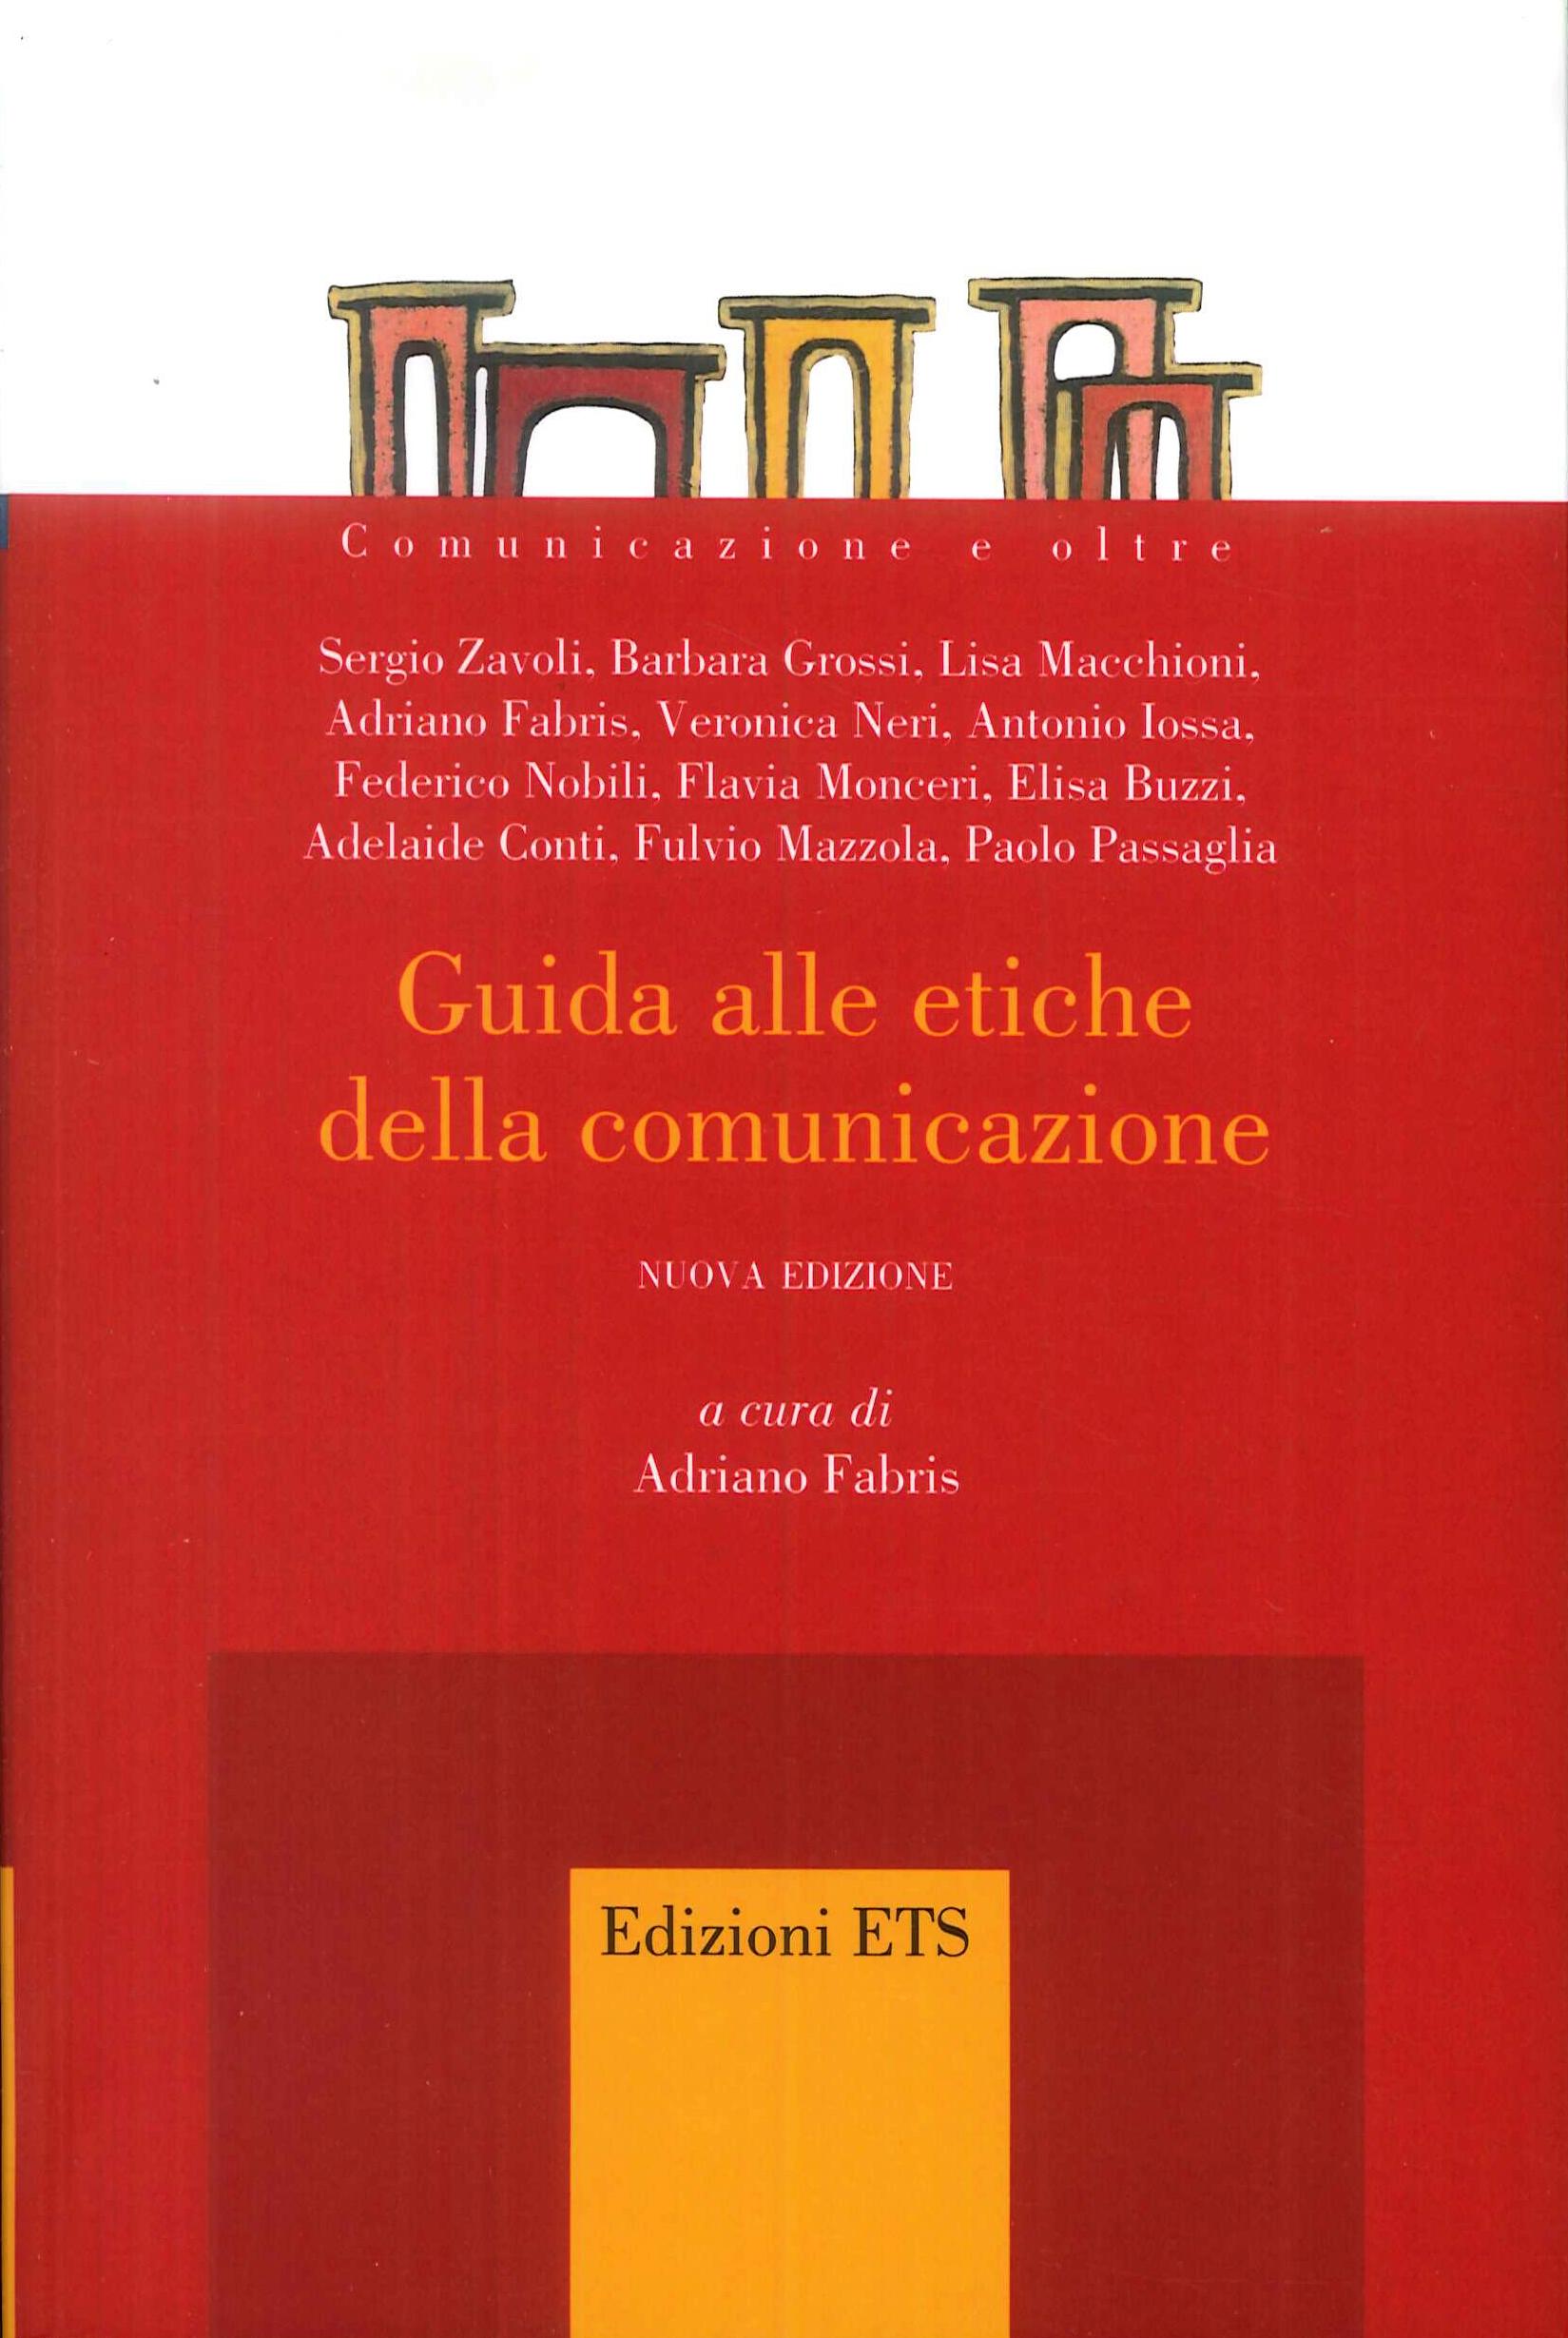 Guida alle etiche della comunicazione.